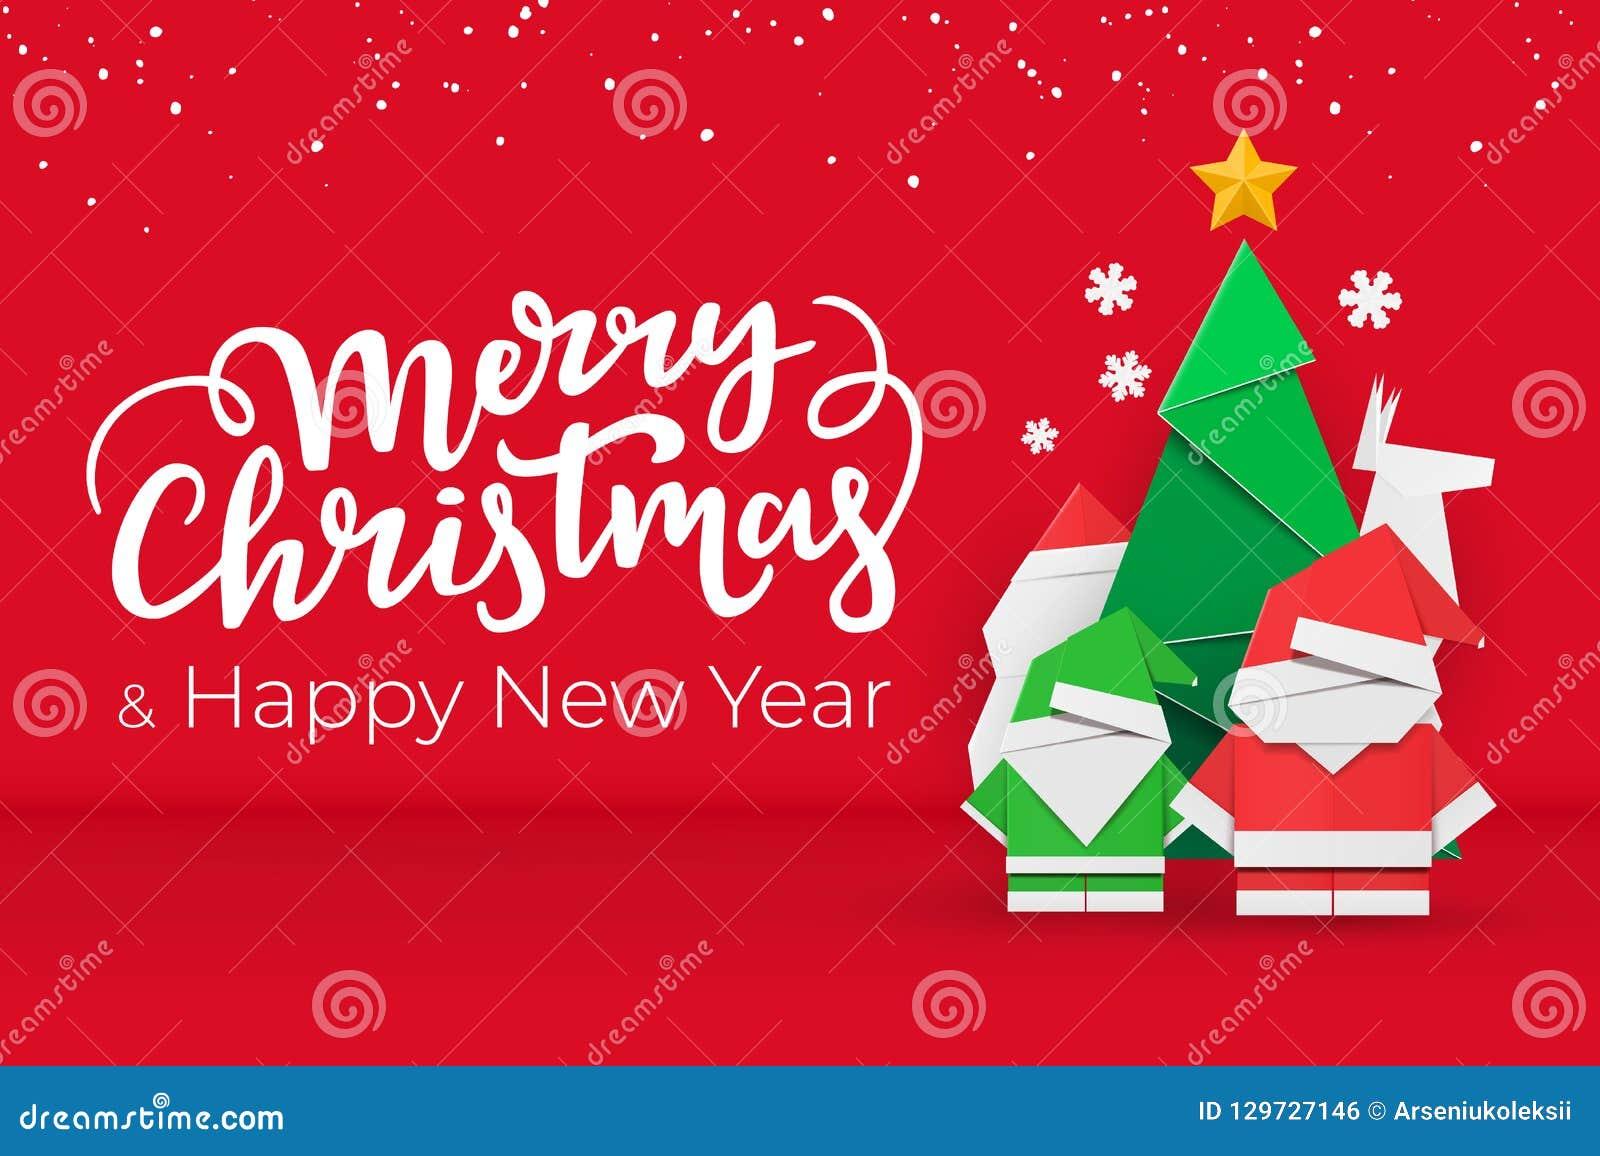 Cartão do Natal e do ano novo com elementos do Xmas do papel feito a mão no fundo festivo vermelho com neve